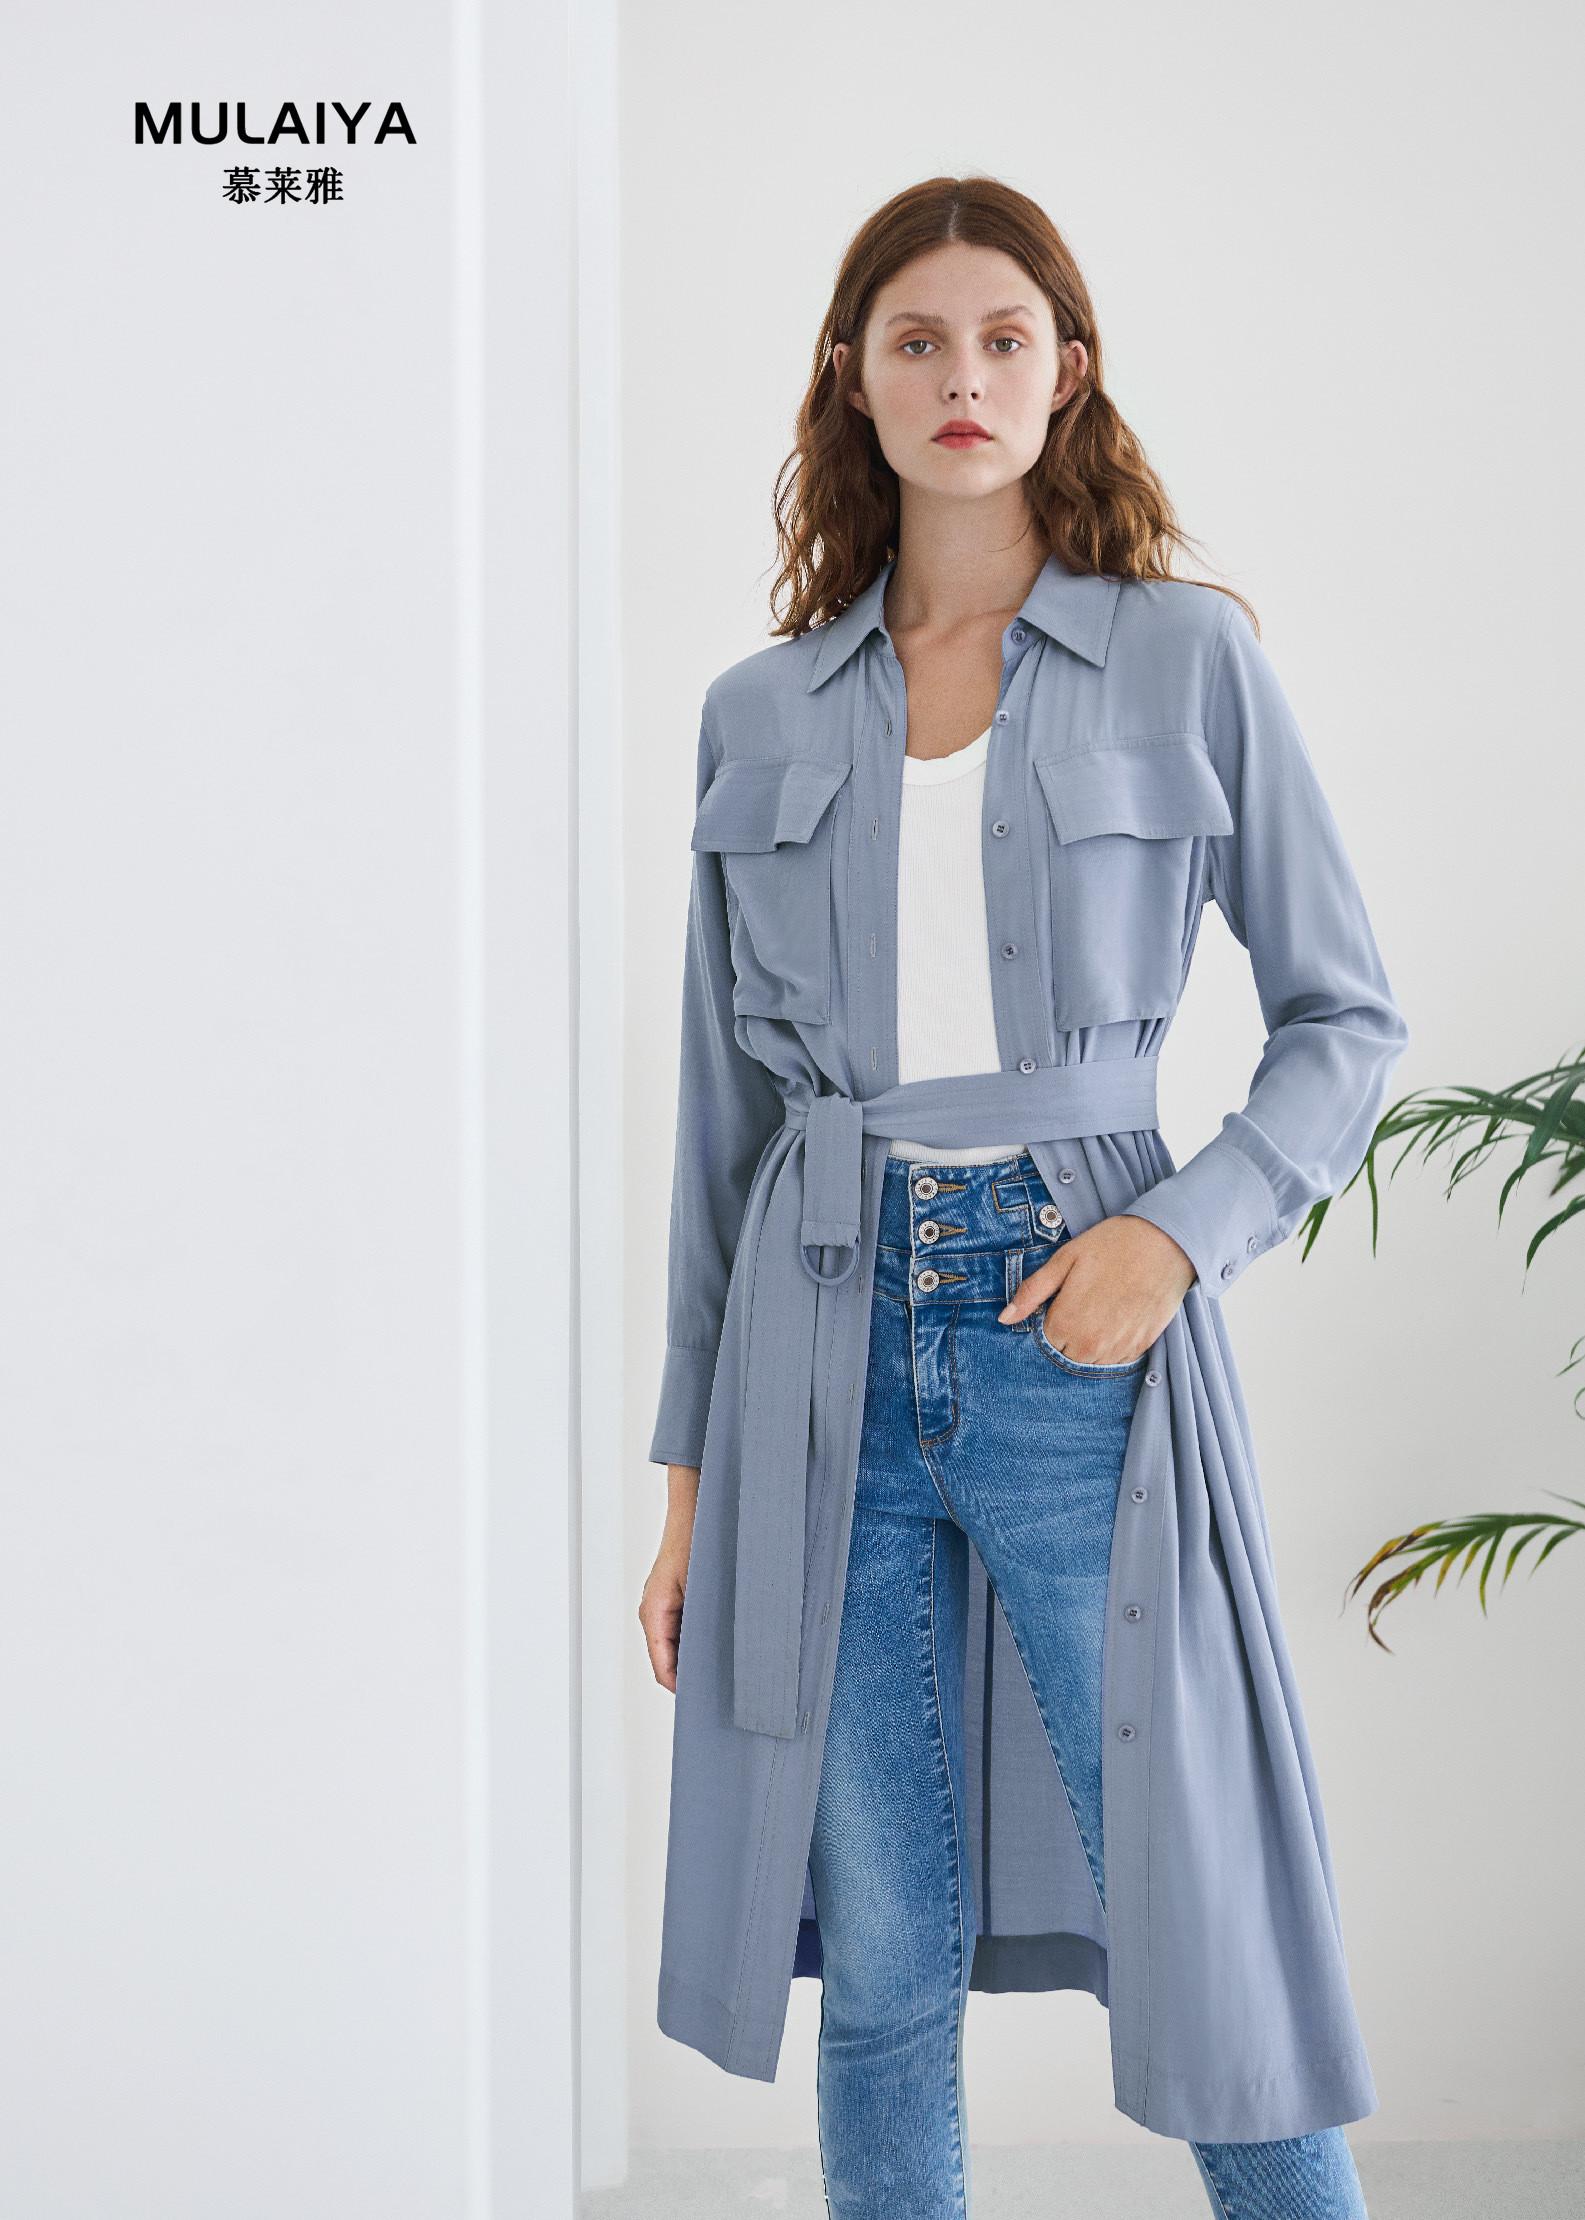 慕莱雅MULAIYA品牌女装 是你择衣的不二之选